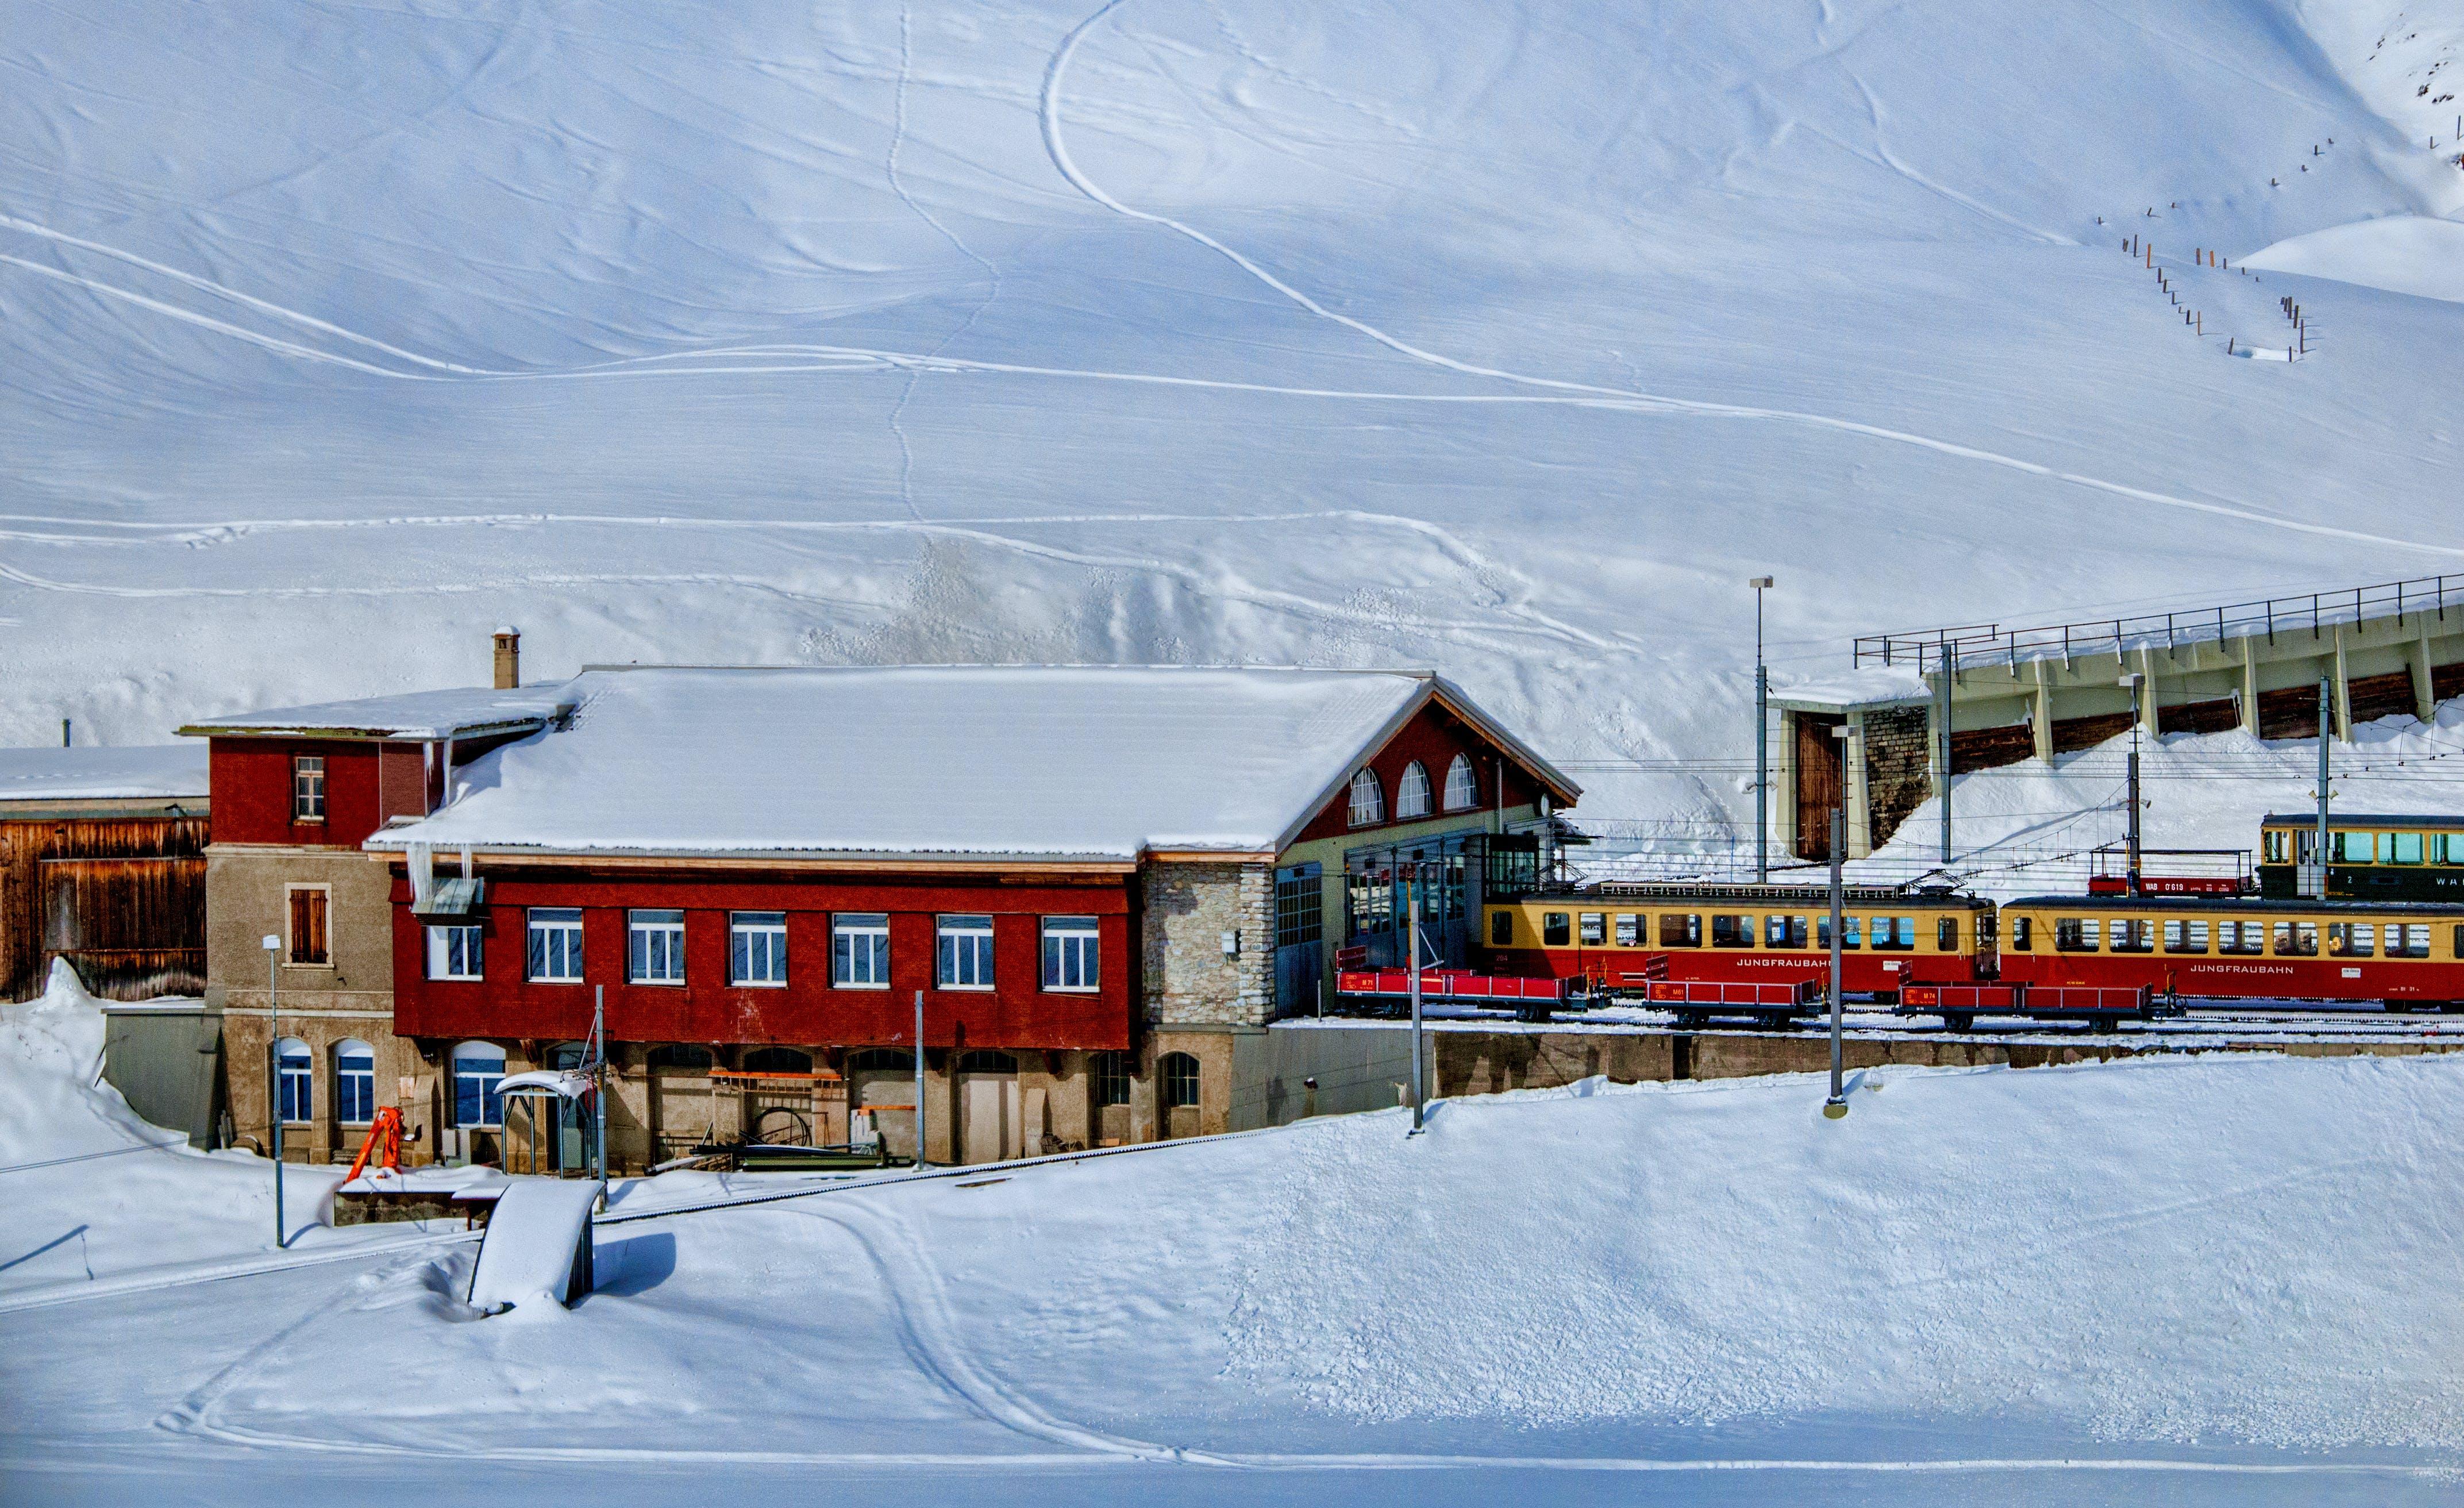 下雪的, 假期, 冬季, 冰 的 免费素材照片